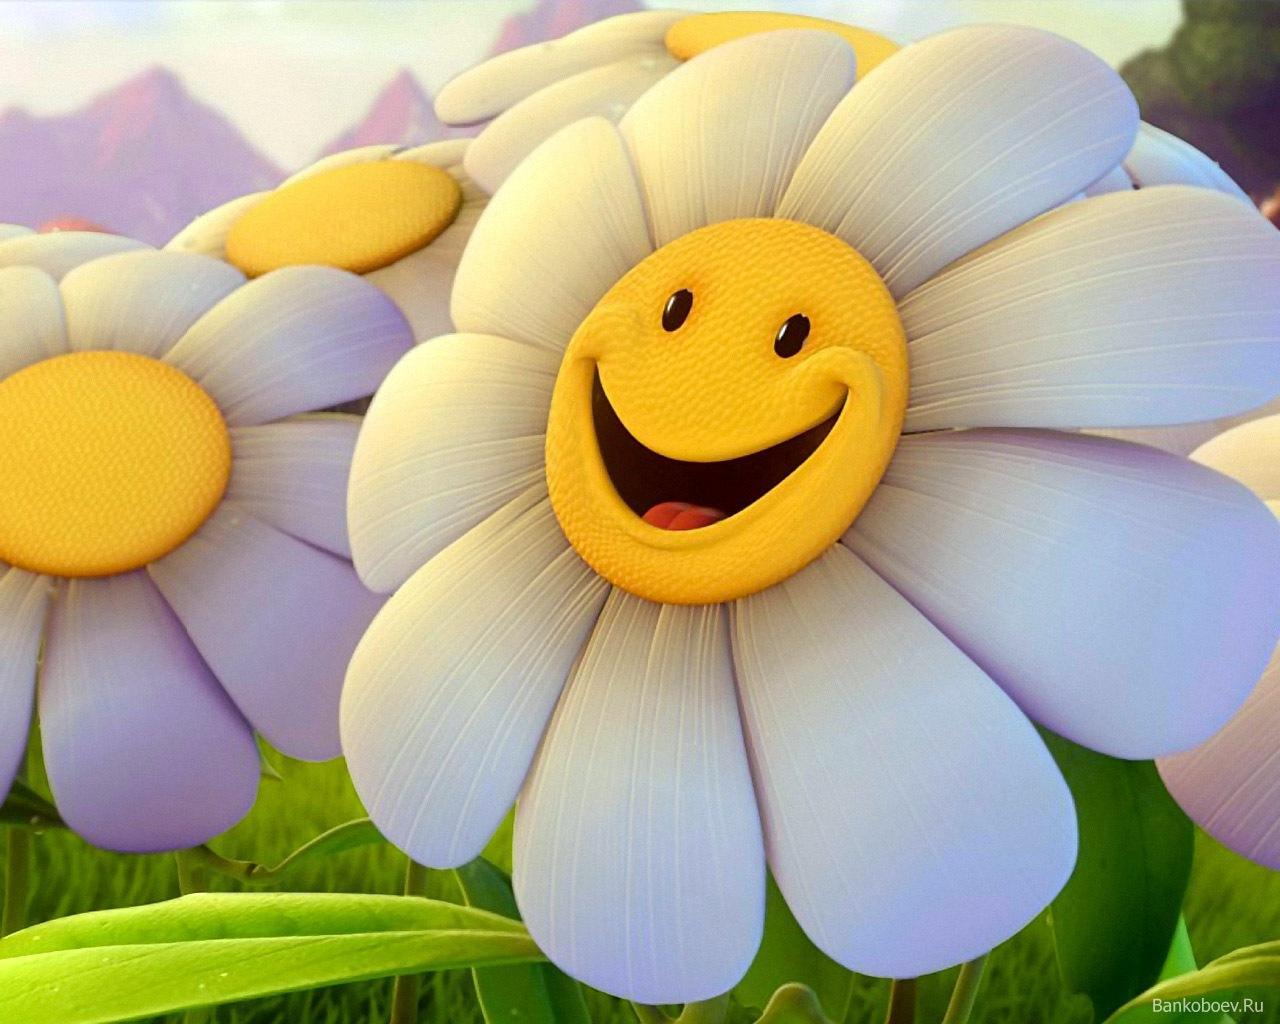 том, смешные цветочки рисунок этом снимке